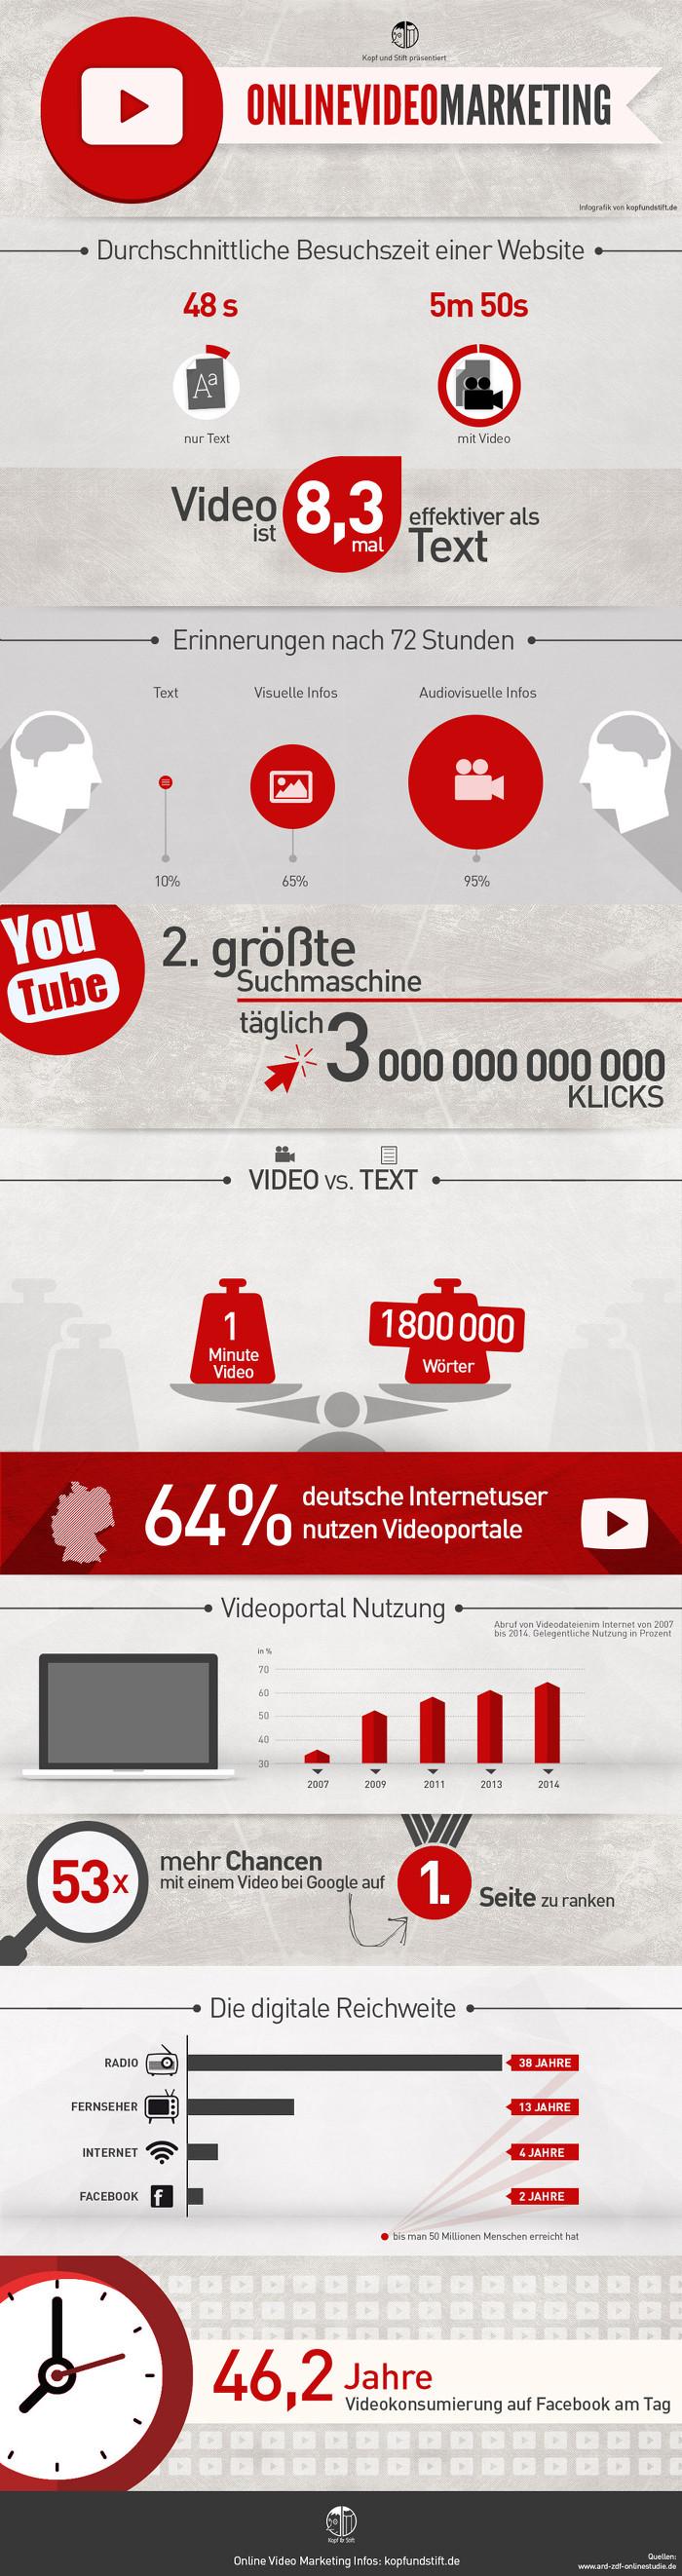 Vorteile von Videomarketing